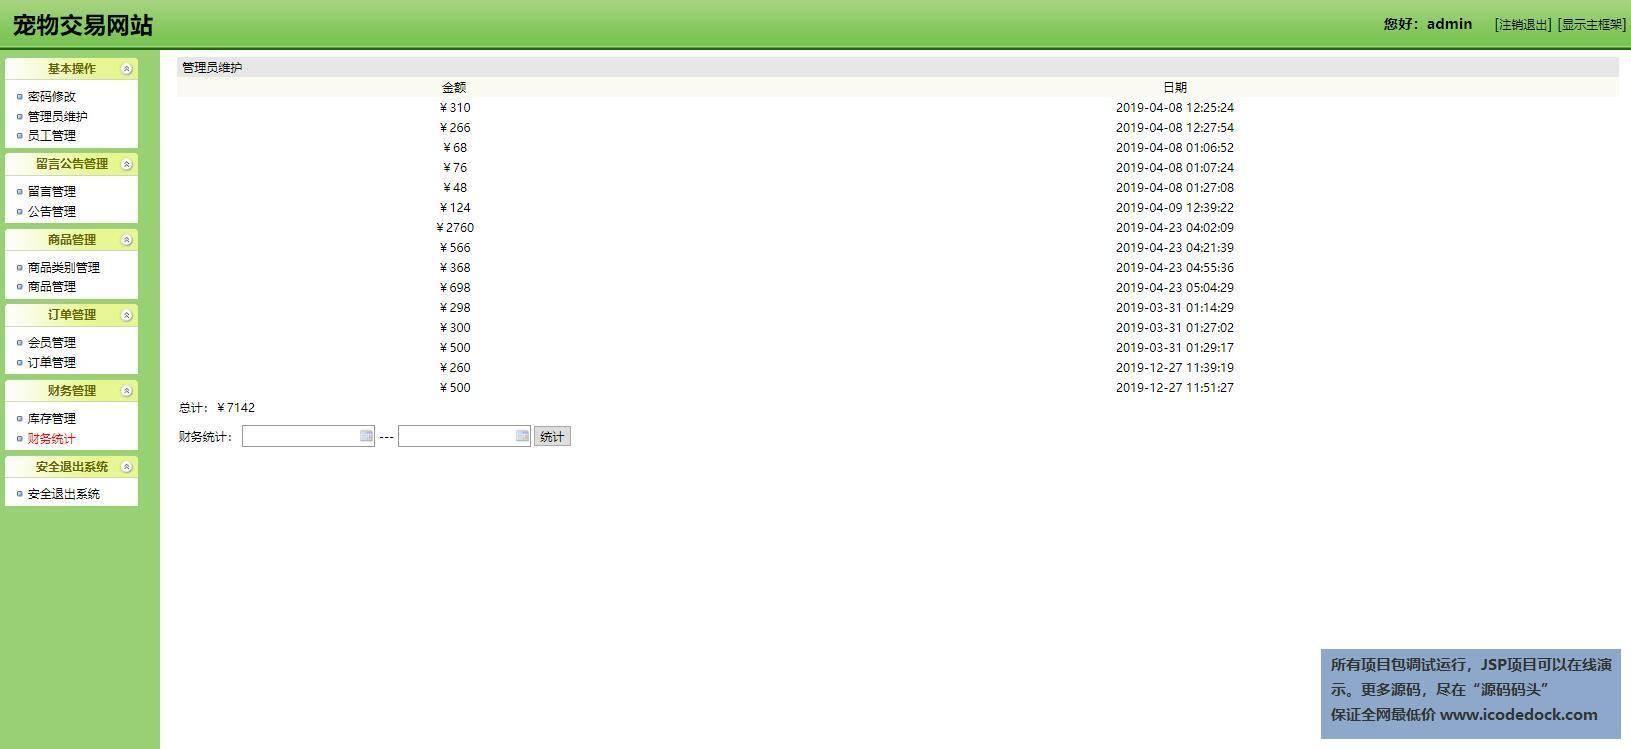 源码码头-SSH宠物交易管理系统-管理员角色-财务统计